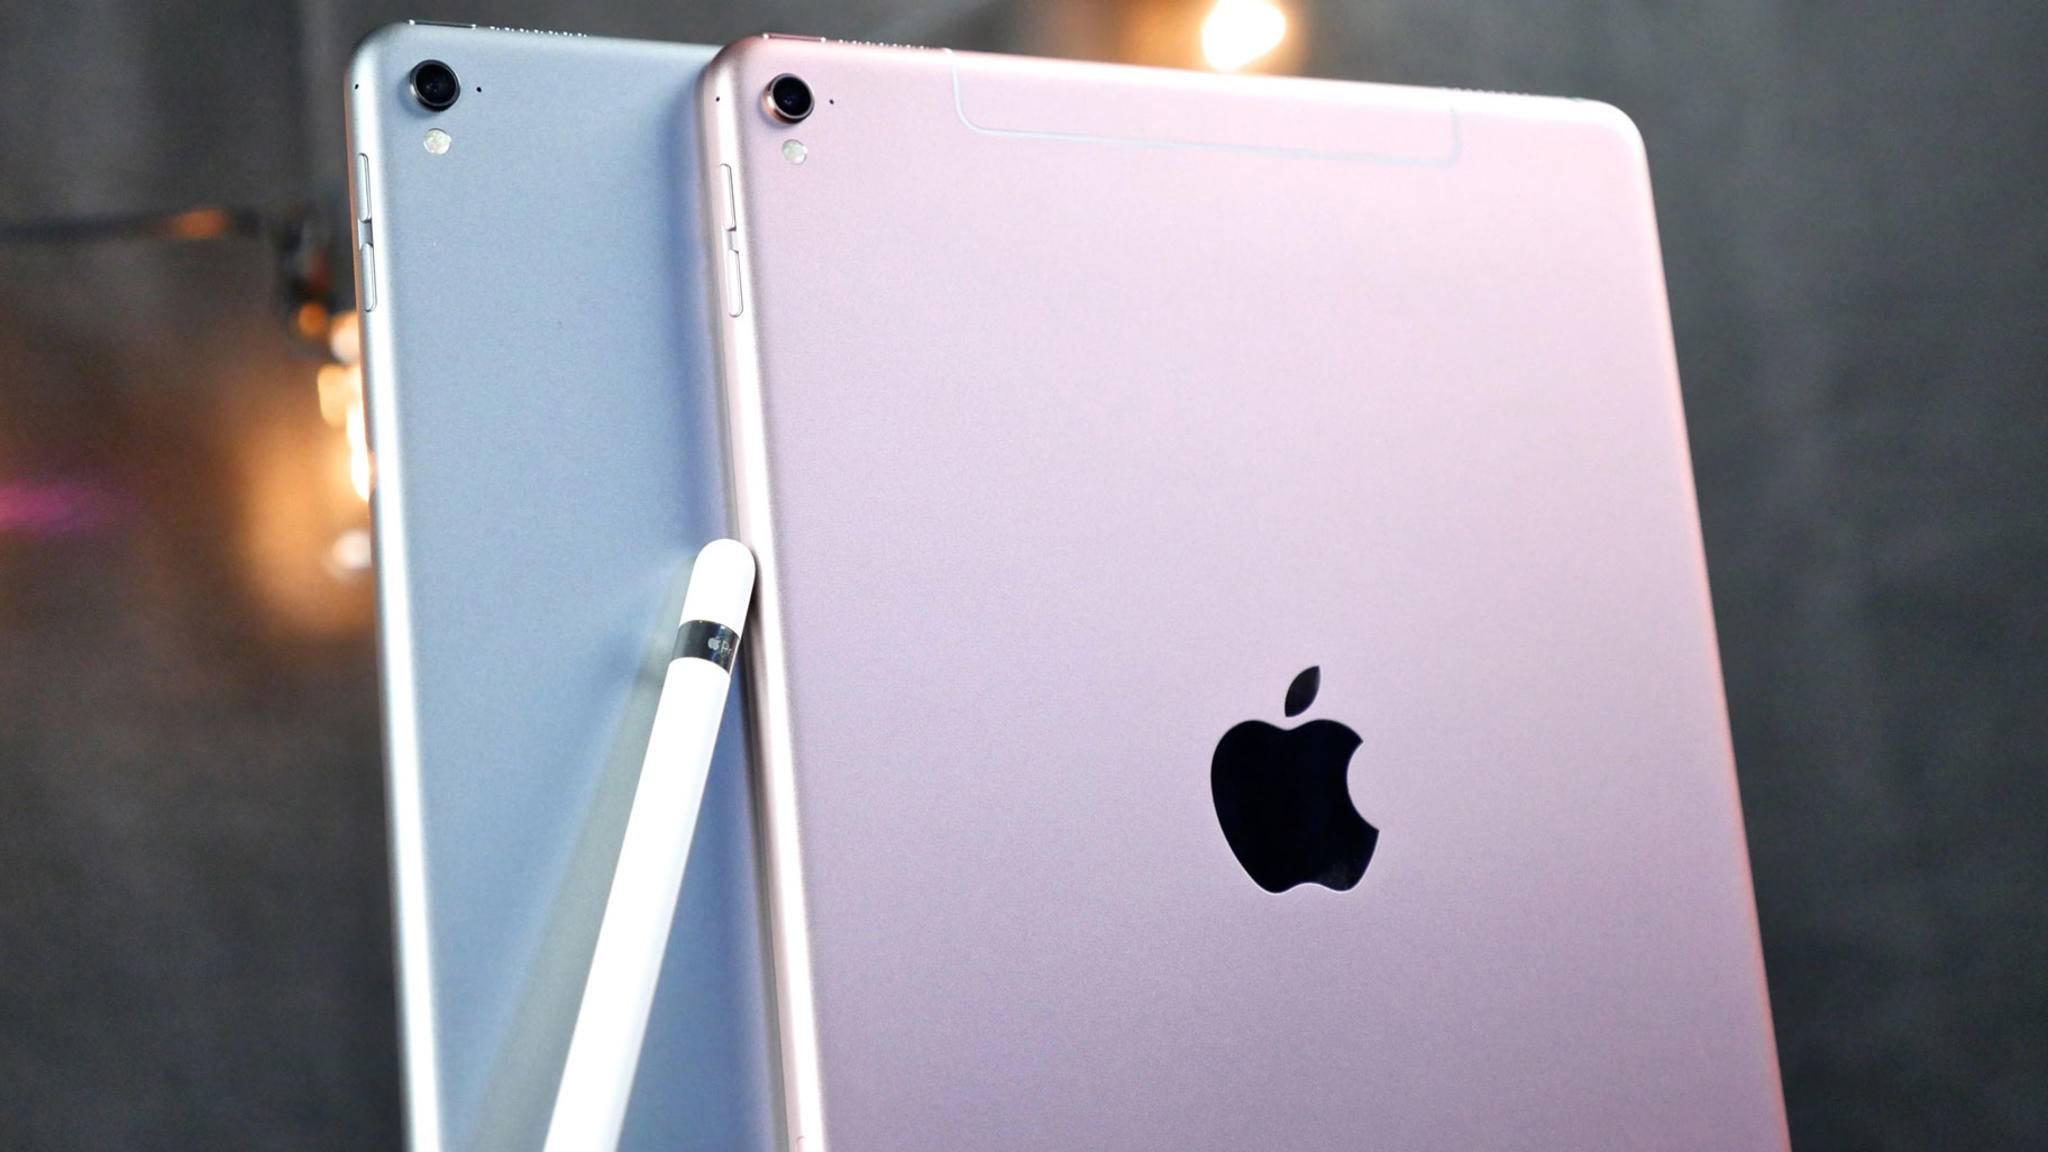 Das iPad Pro mit 10,5 Zoll könnte einen ähnlichen Formfaktor wie das iPad Pro 9,7 besitzen.